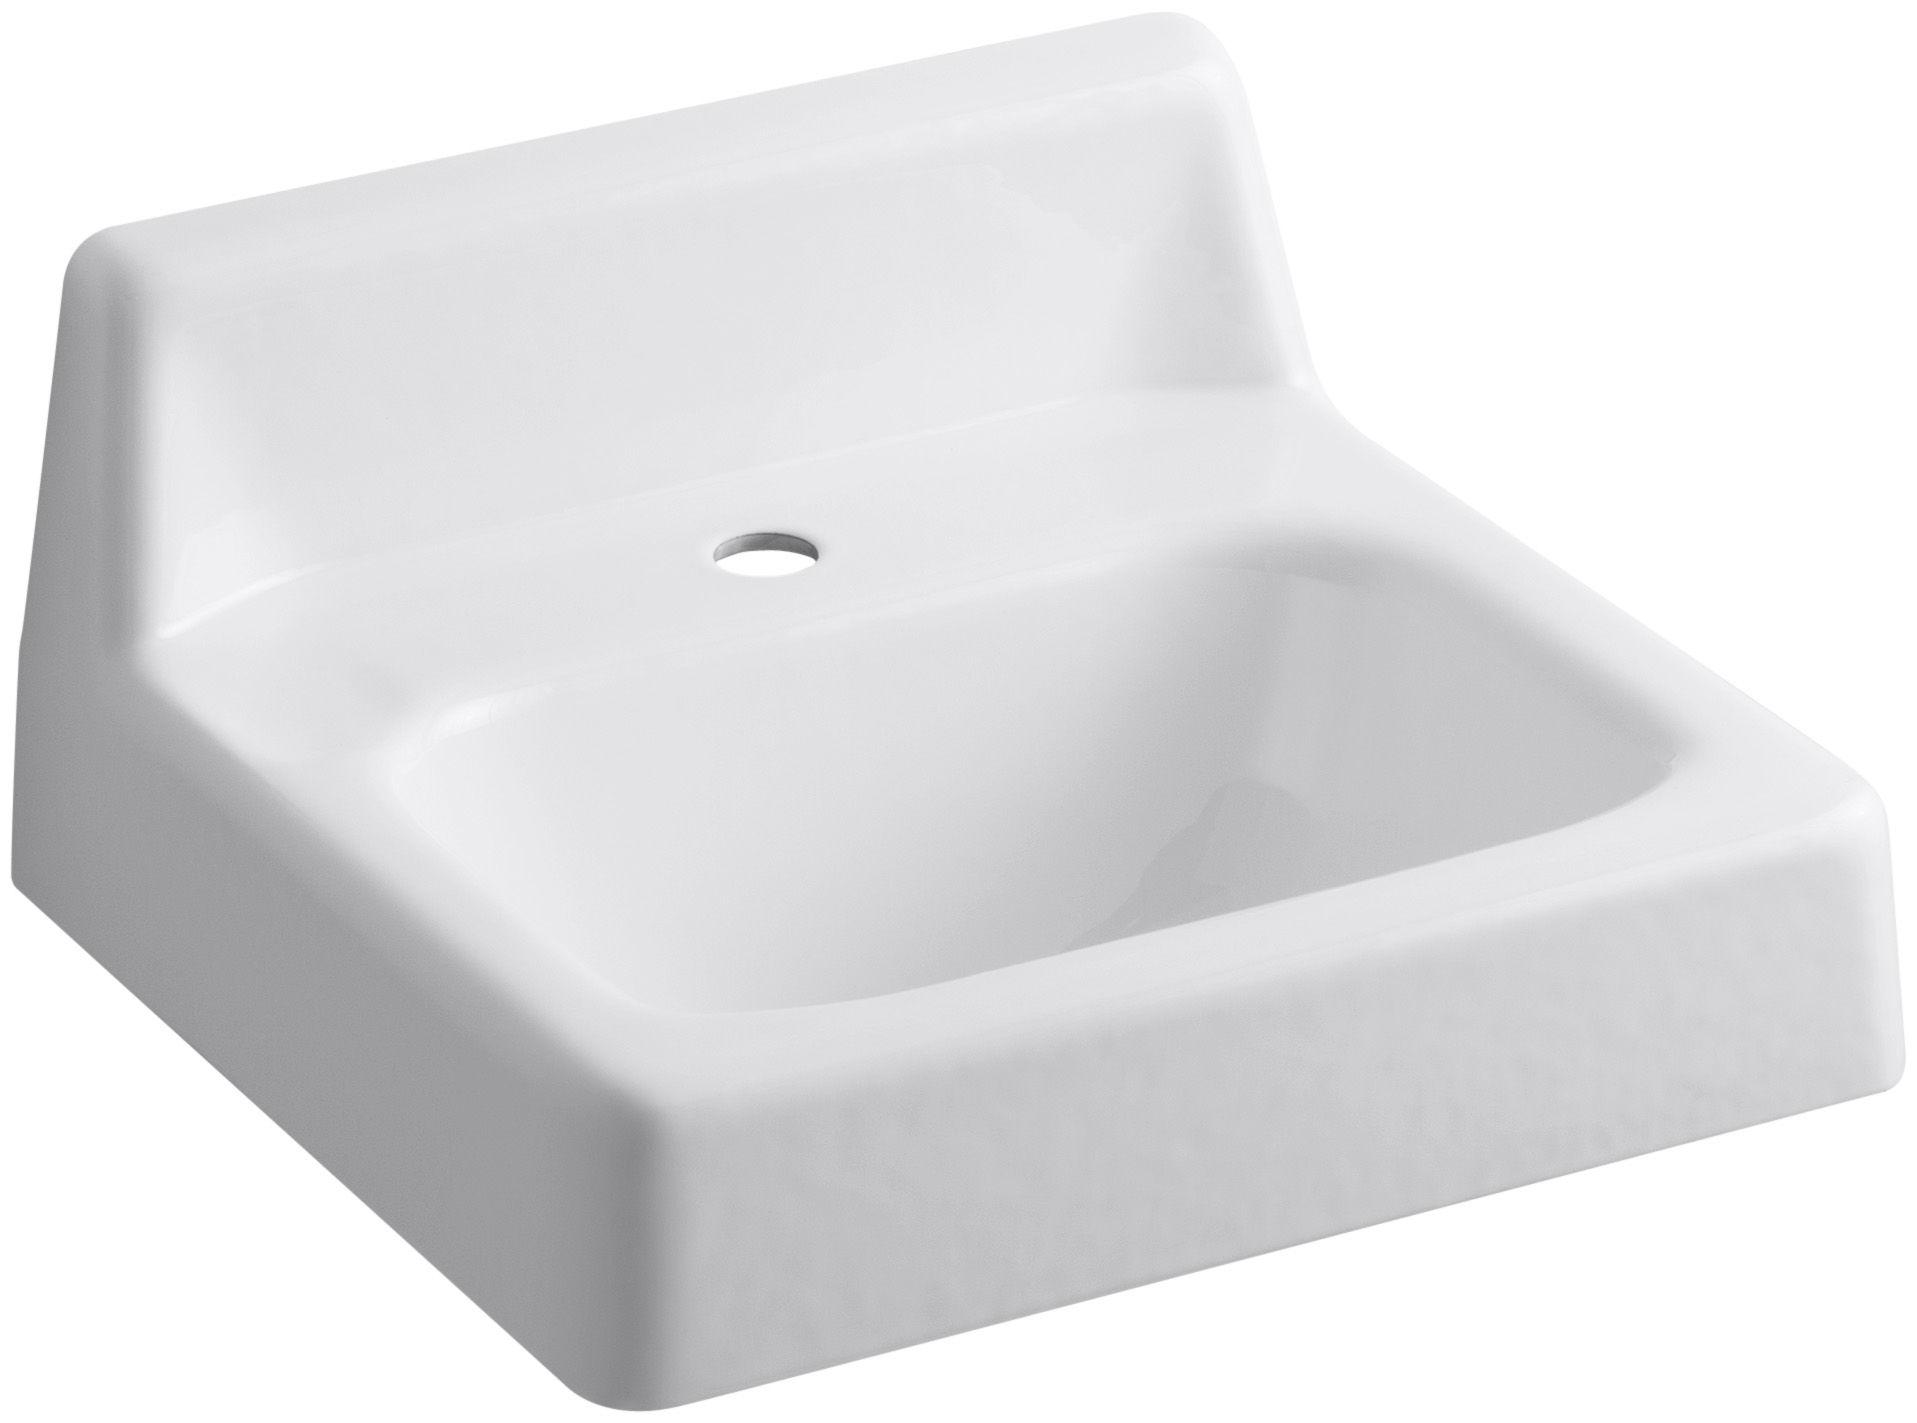 Kohler K 2812 0 White Hudson 15 Cast Iron Wall Mounted Bathroom